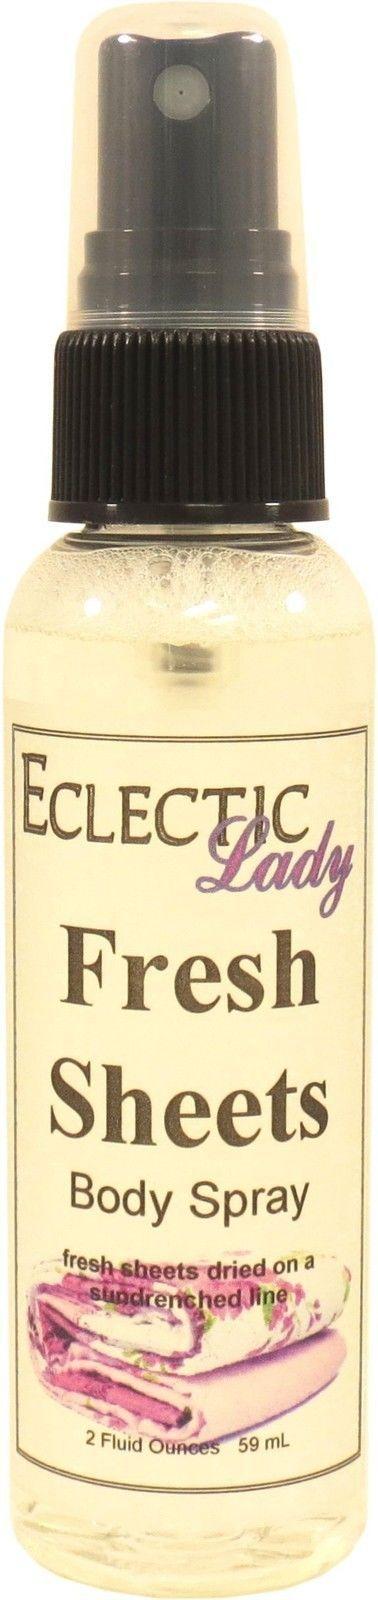 Fresh Sheets Body Spray